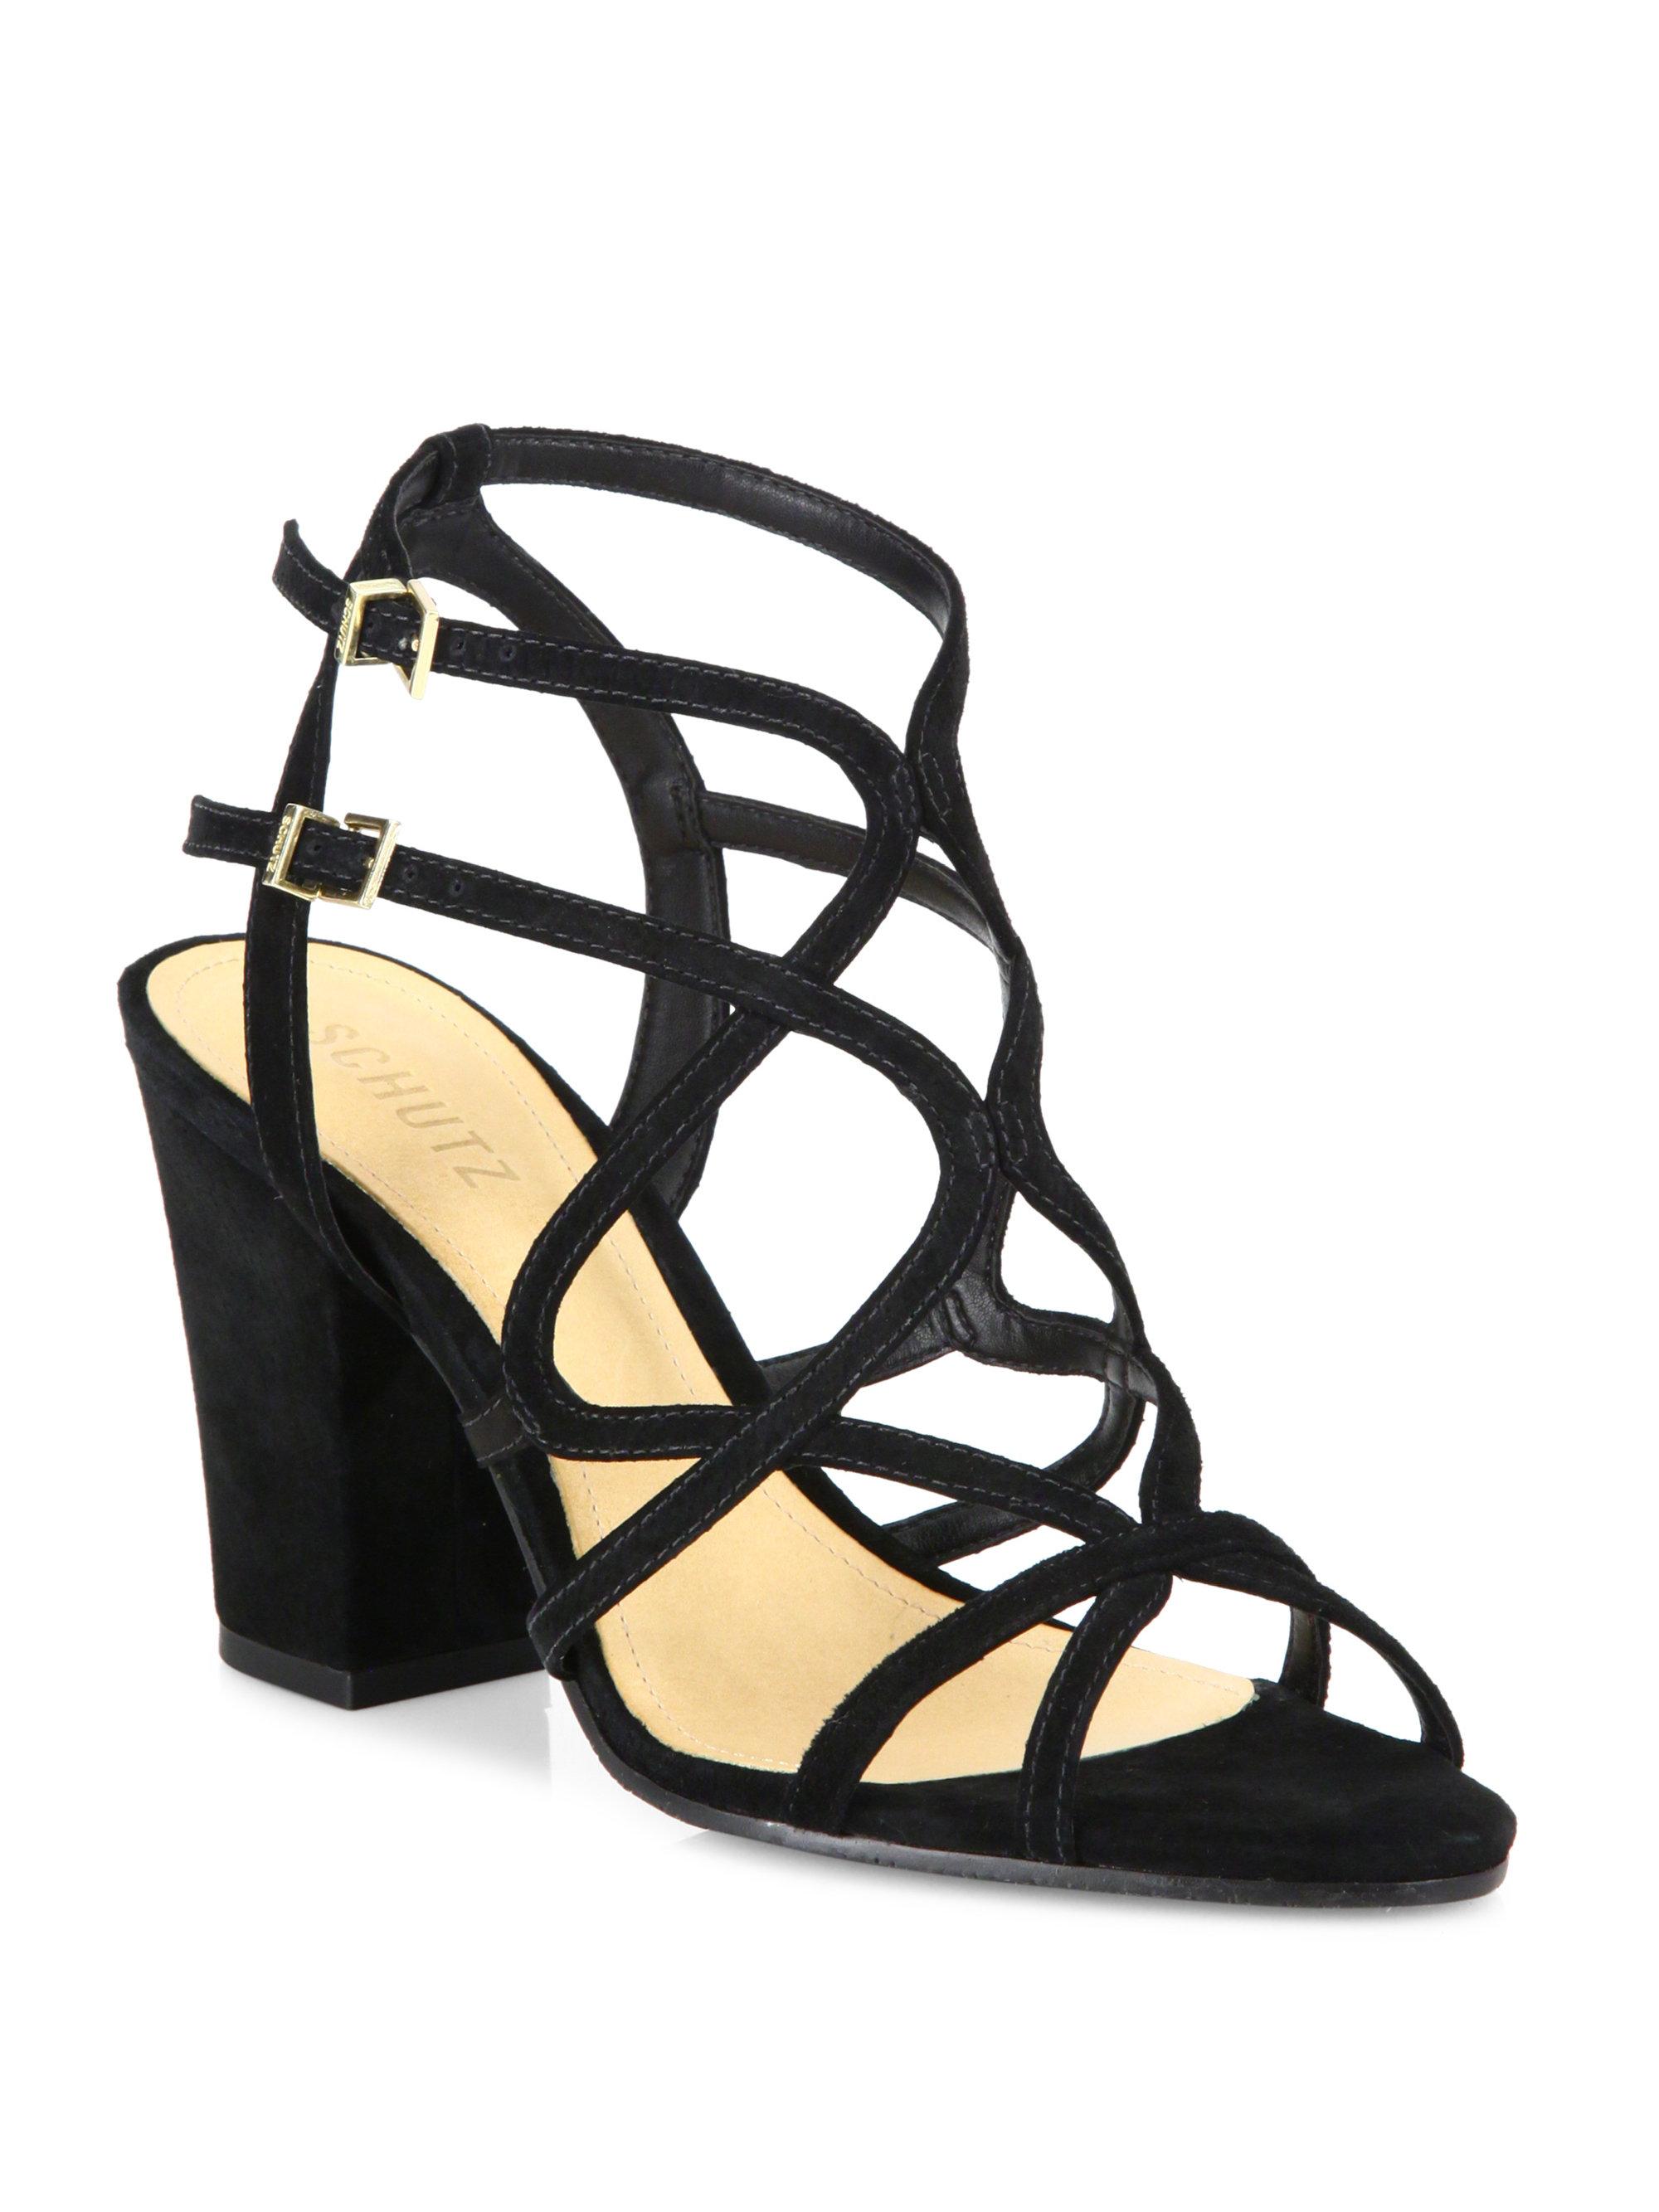 strappy high heel sandals - Black Schutz f9HJ4IbGy2